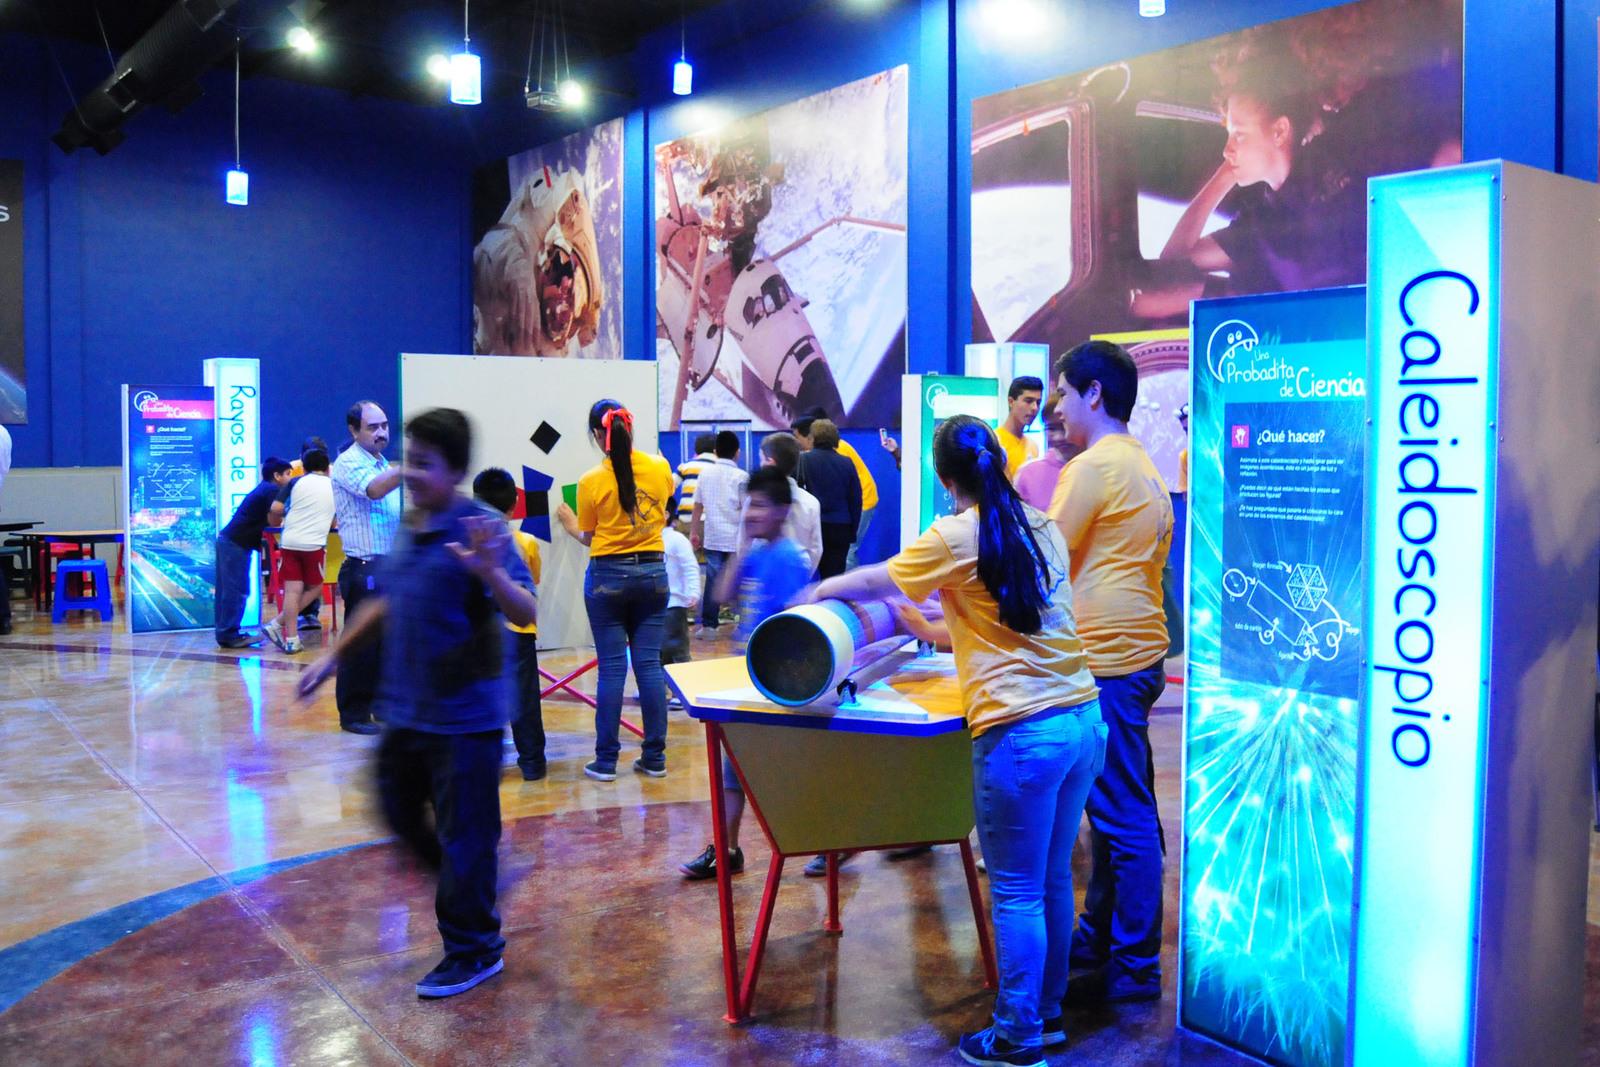 Abierto. El planetarium Torreón ofrecerá programa especial por el próximo eclipse lunar de enero. (CORTESÍA)